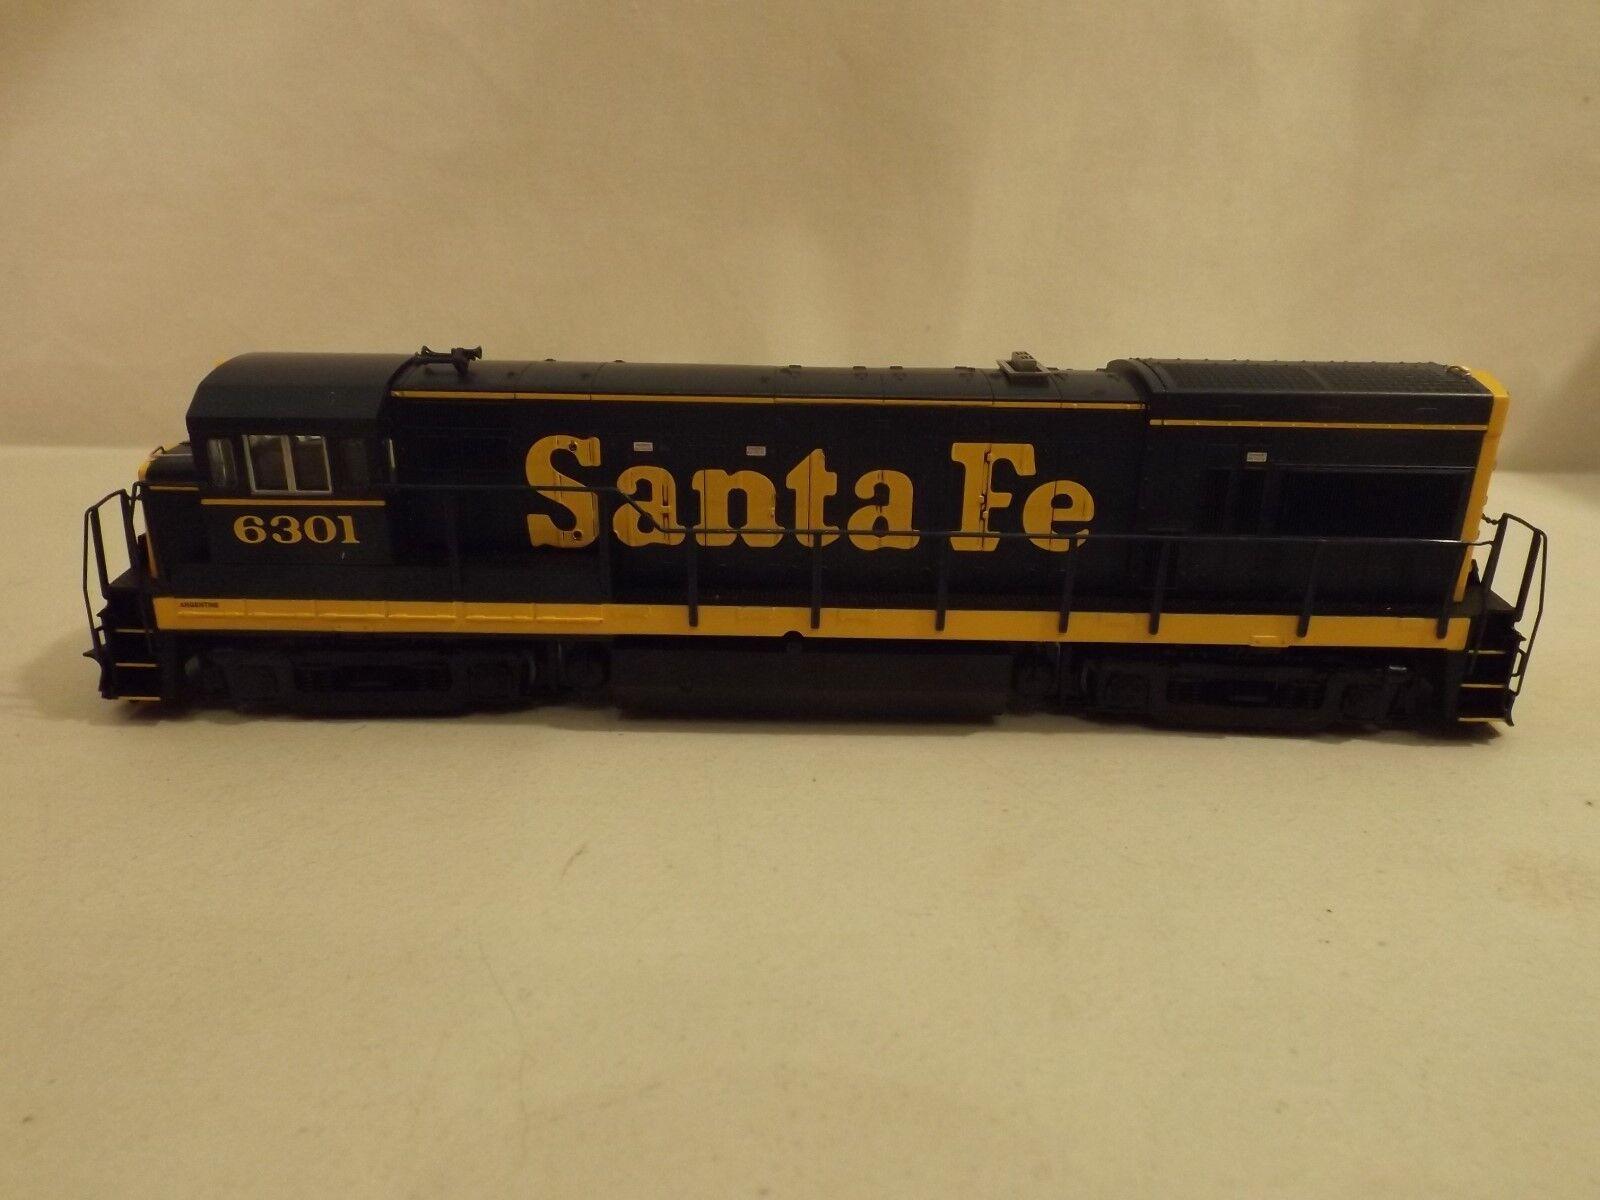 HO Atlas Santa Fe GE U23B diesel engine, in original scatola   6301